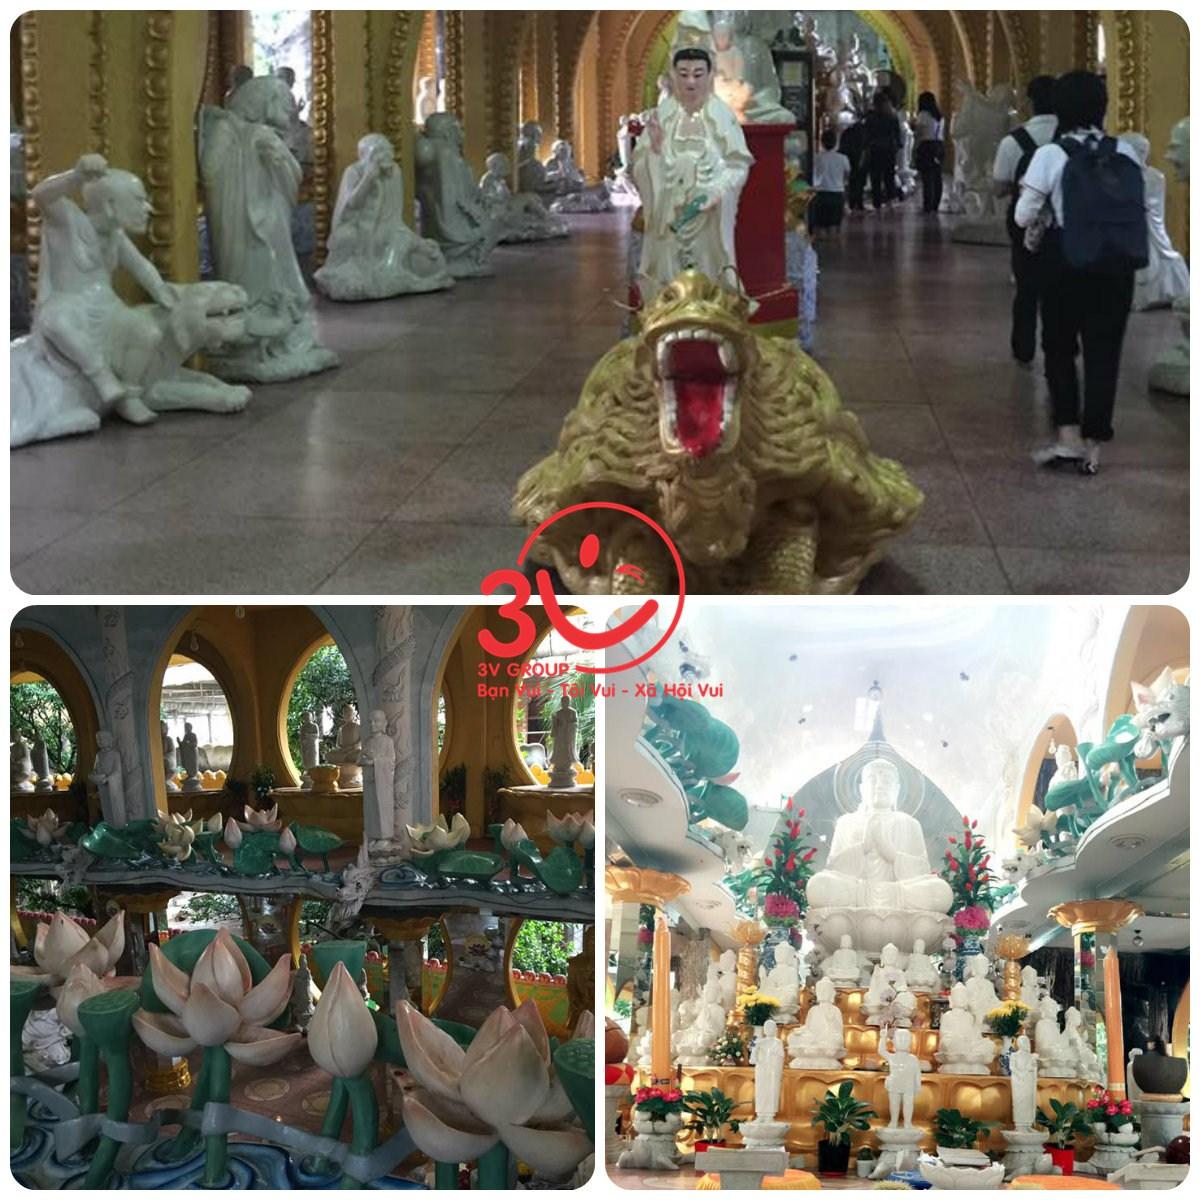 Chùa Kỳ Quang II tọa lạc tại 154/4A Lê Hoàng Phái, P.17, Quận Gò Vấp là một trong những địa chỉ vàng của thành phố Hồ Chí Minh mà các nhà hảo tâm tìm đến hiện nay